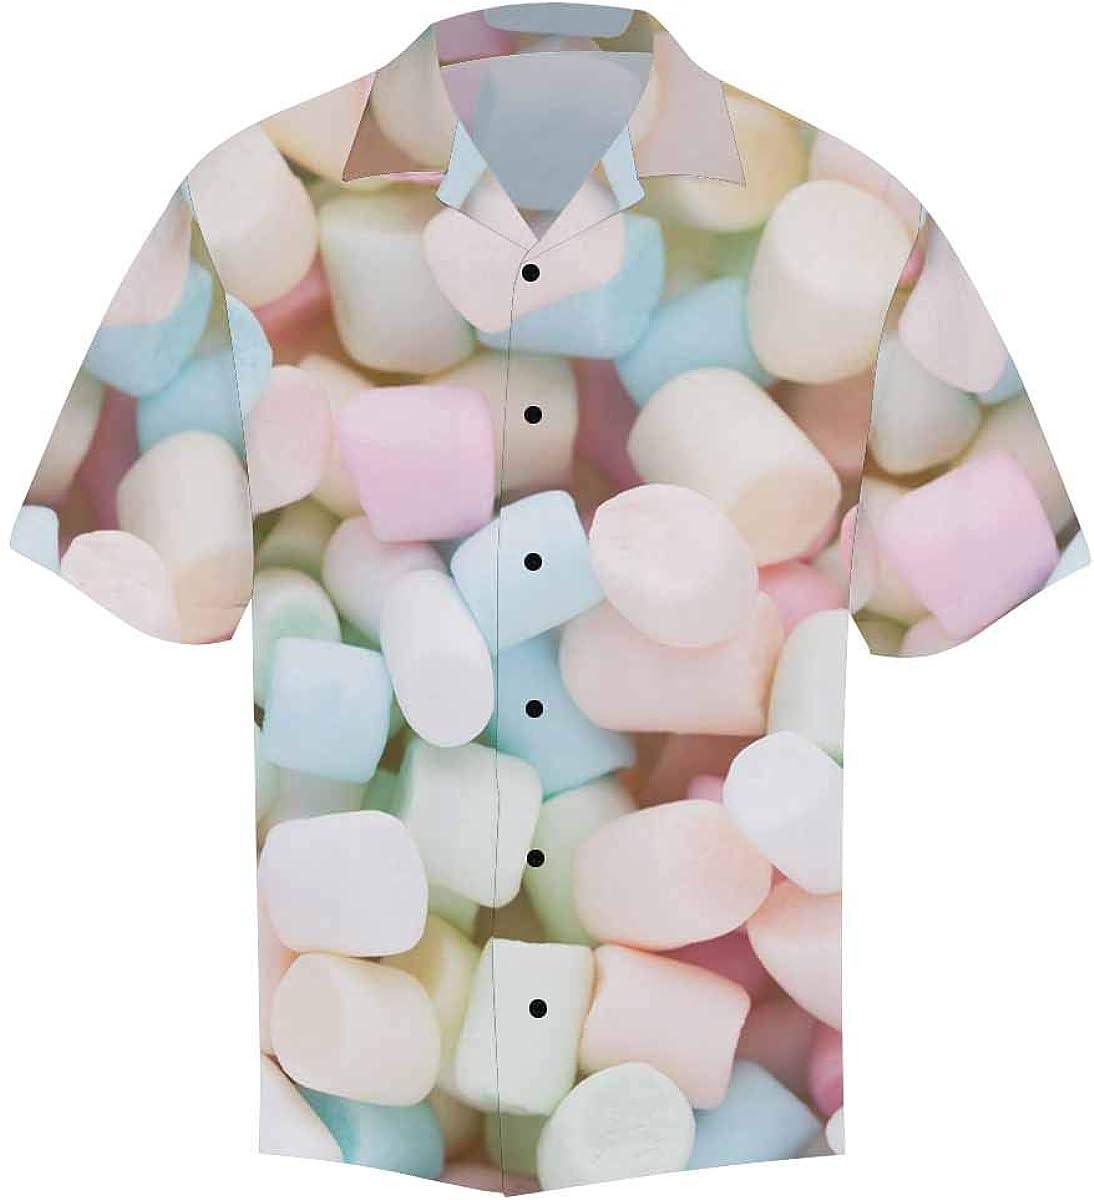 InterestPrint Men's Casual Button Down Short Sleeve Vintage Coffee Beans Hawaiian Shirt (S-5XL)